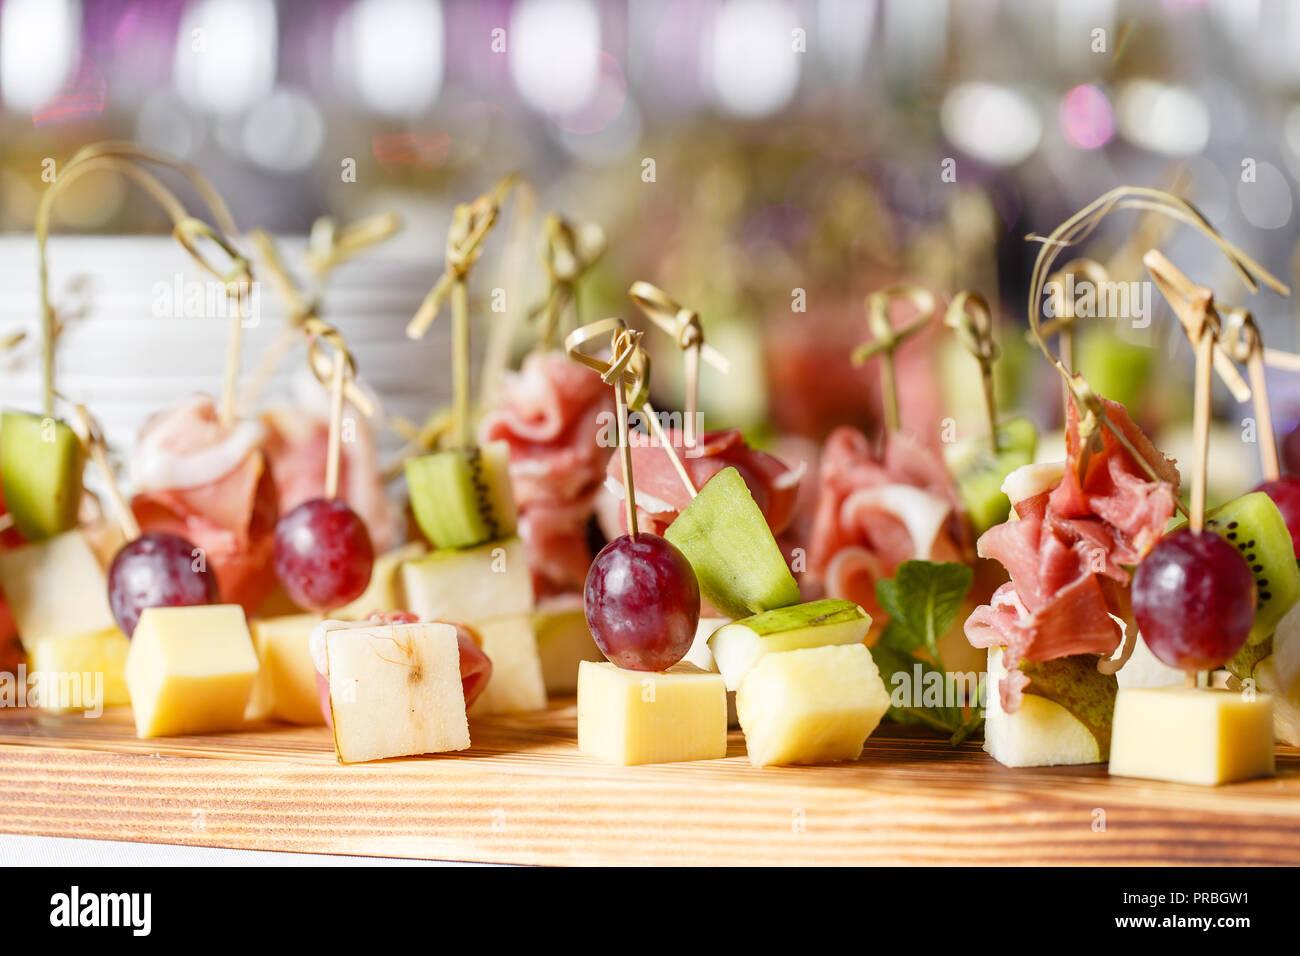 El buffet en la recepción. Surtido de canapés sobre la plancha de madera. Servicio de banquetes catering comida, aperitivos con queso, jamón, jamón y fruta Imagen De Stock